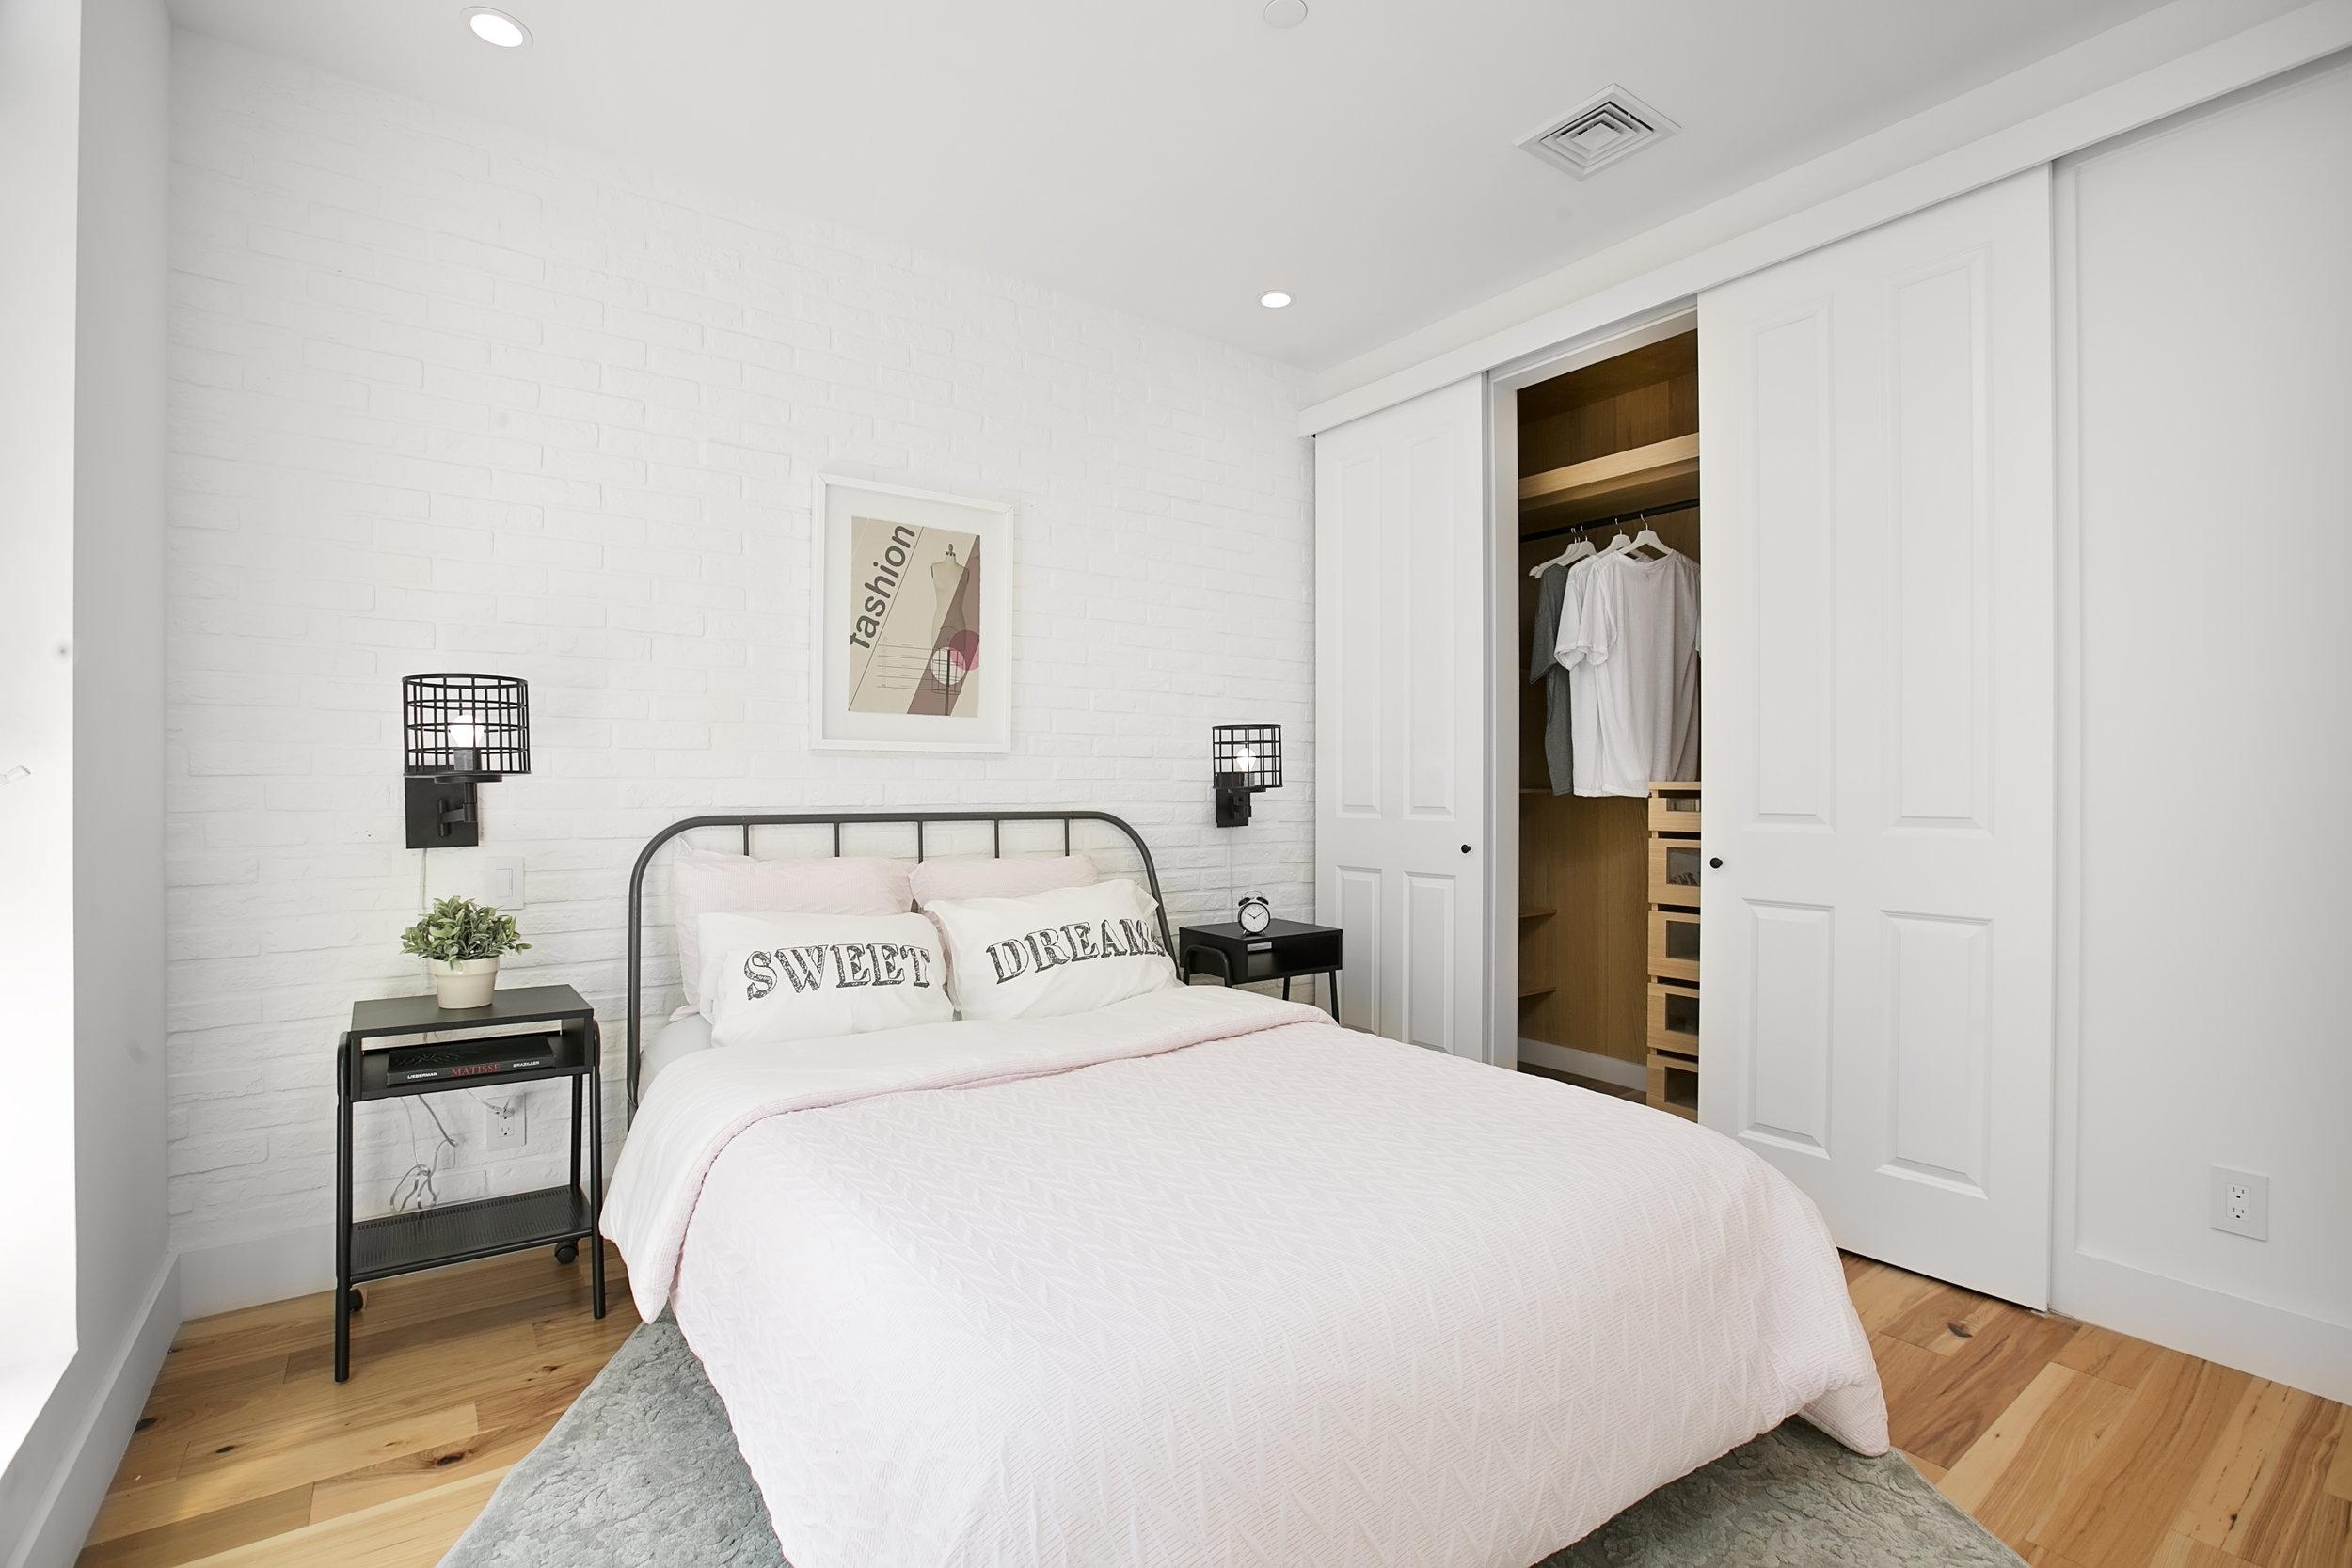 2A bed.closet.jpg